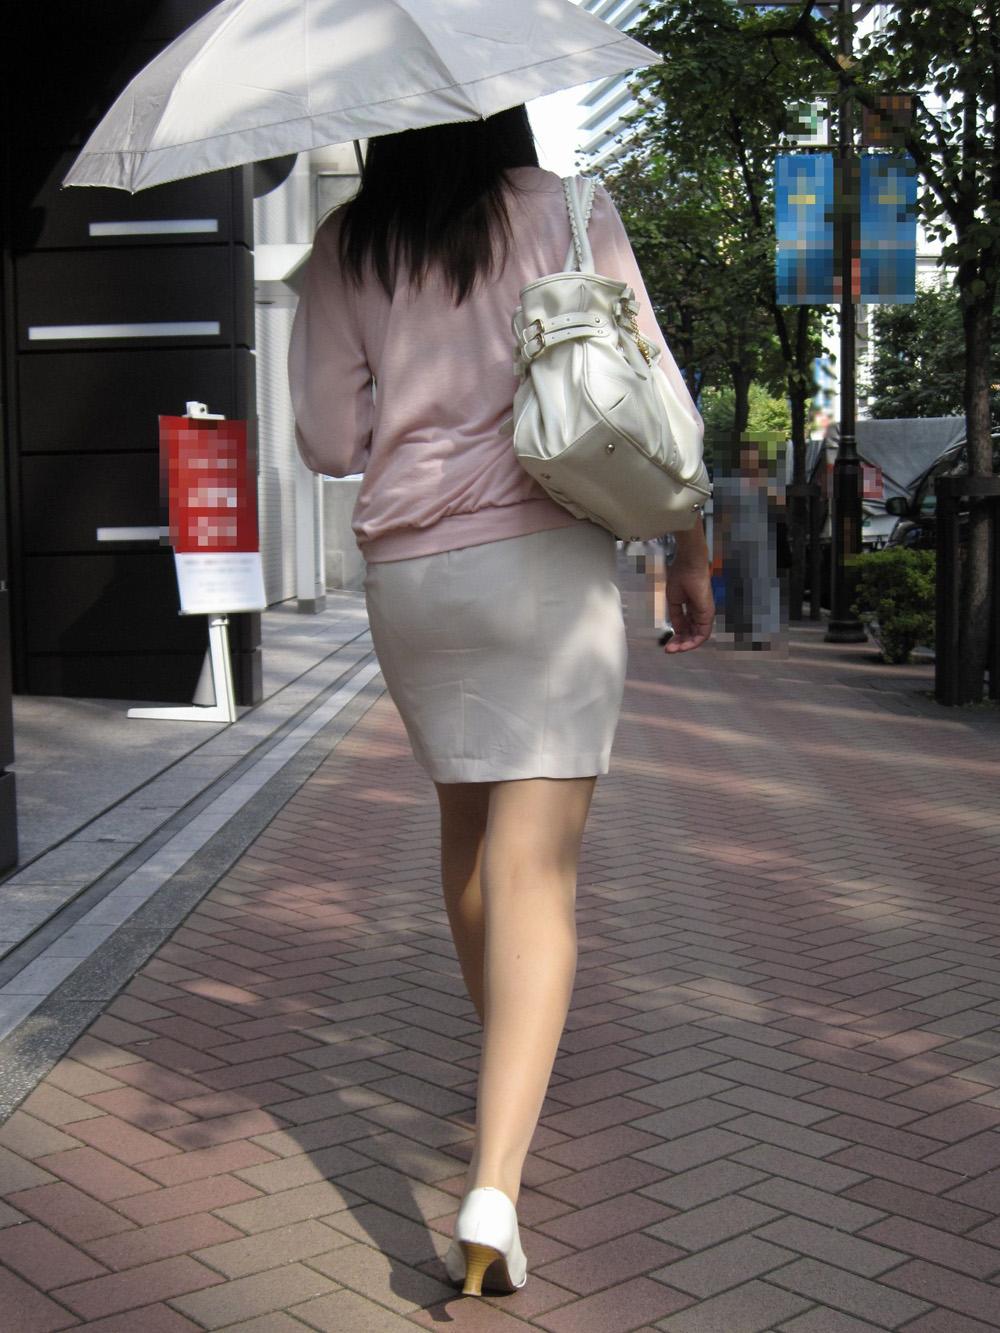 OLタイトスカート尻パンチラ透けパン太ももフェチエロ画像1枚目